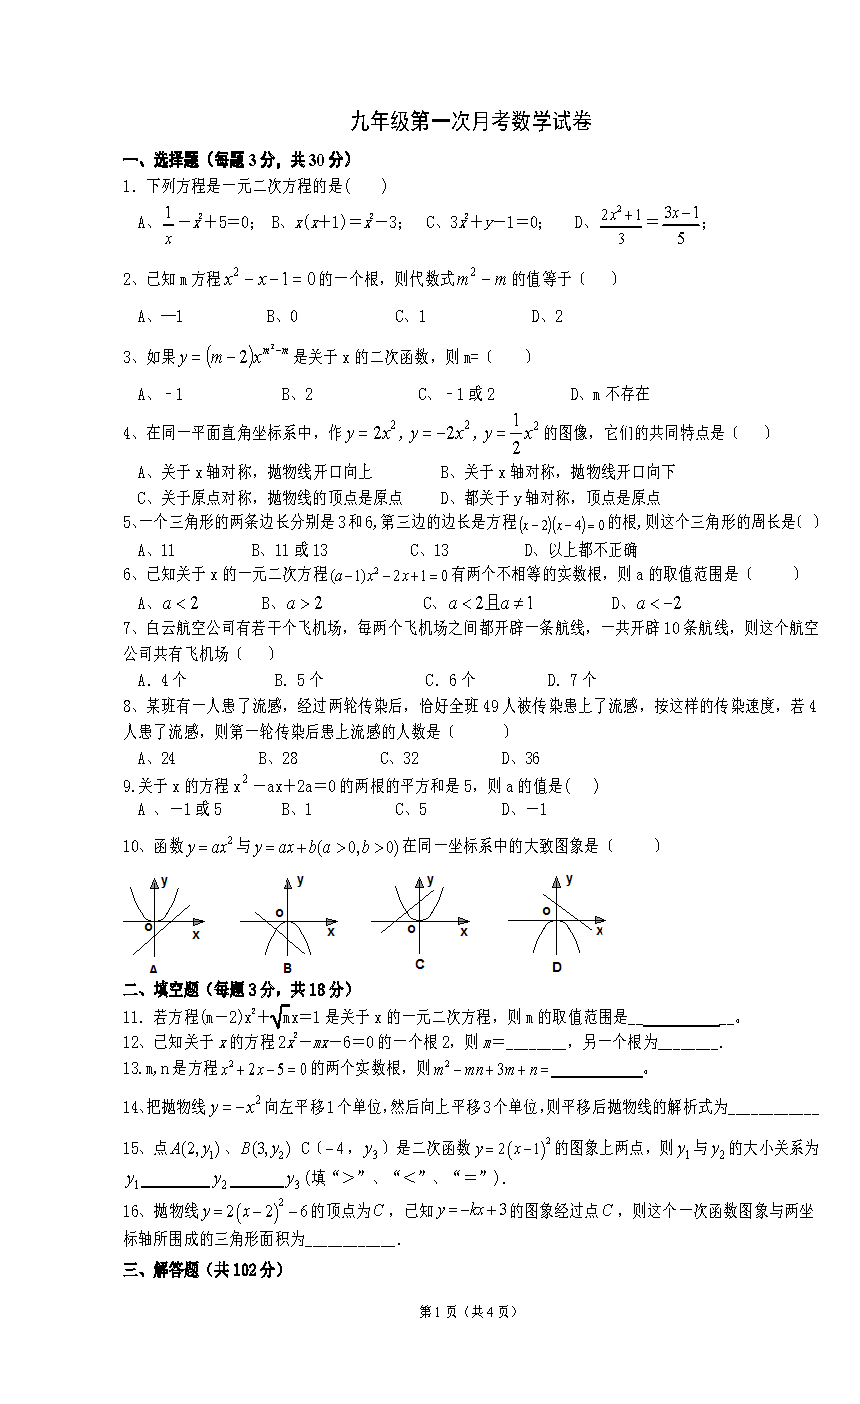 人教版2017-2018内蒙古赤峰红山区三中九年级第一次月考数学试卷(图片版)